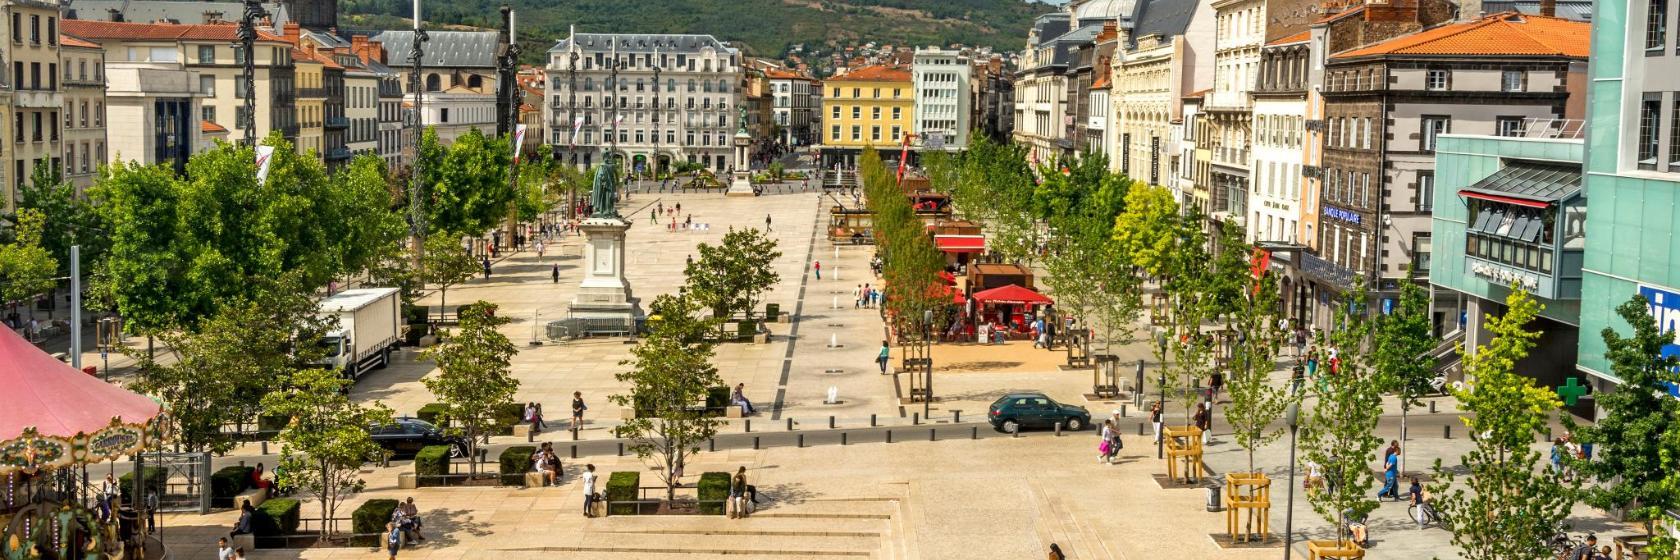 Die 10 besten Hotels in der Nähe von: Platz Jaude, in Clermont-Ferrand, Frankreich